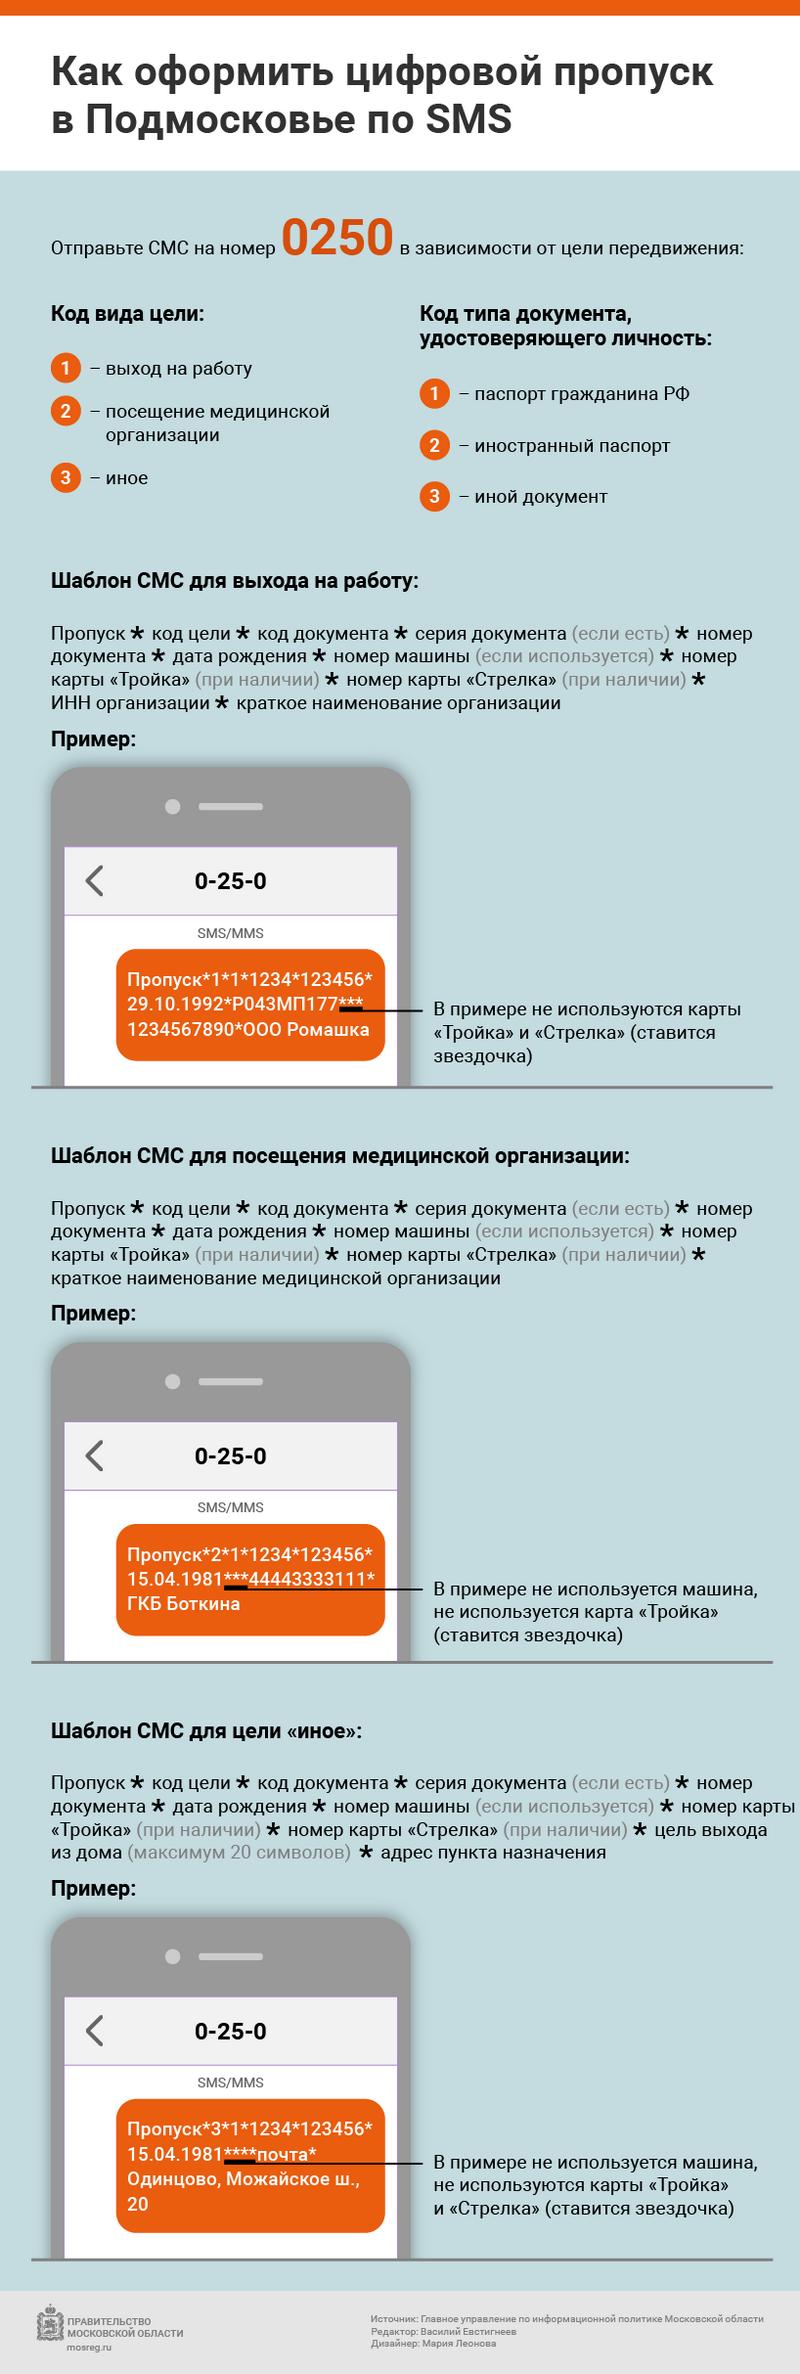 Оформление цифрового пропуска в Подмосковье через СМС